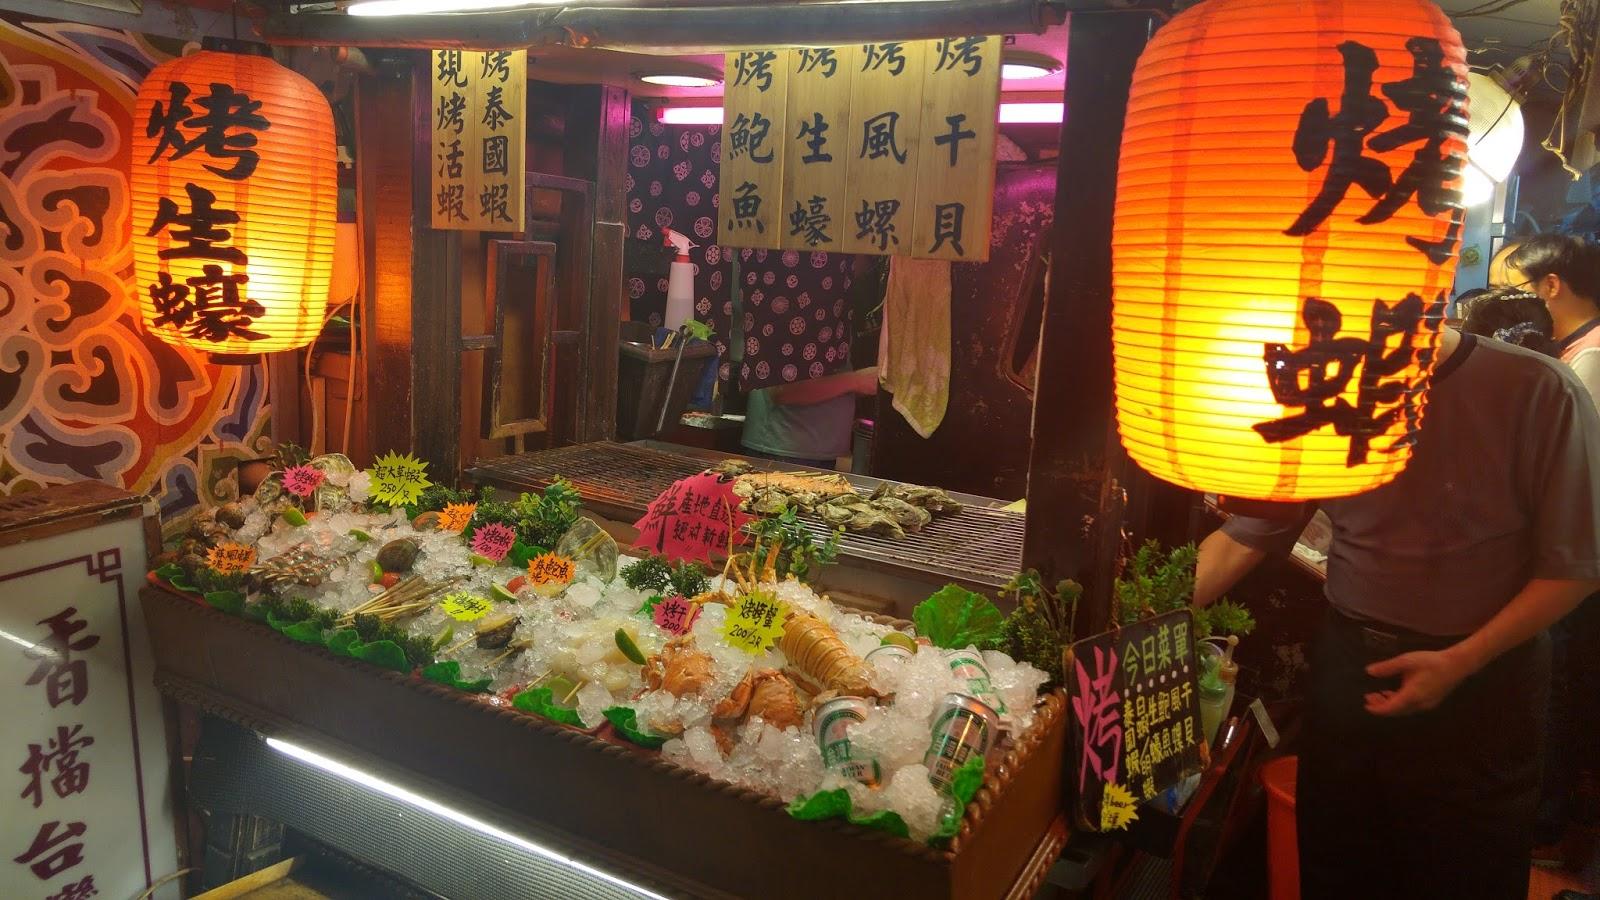 饒河街美食攻略地圖: 萬里香燒烤攤 - 饒河街夜市